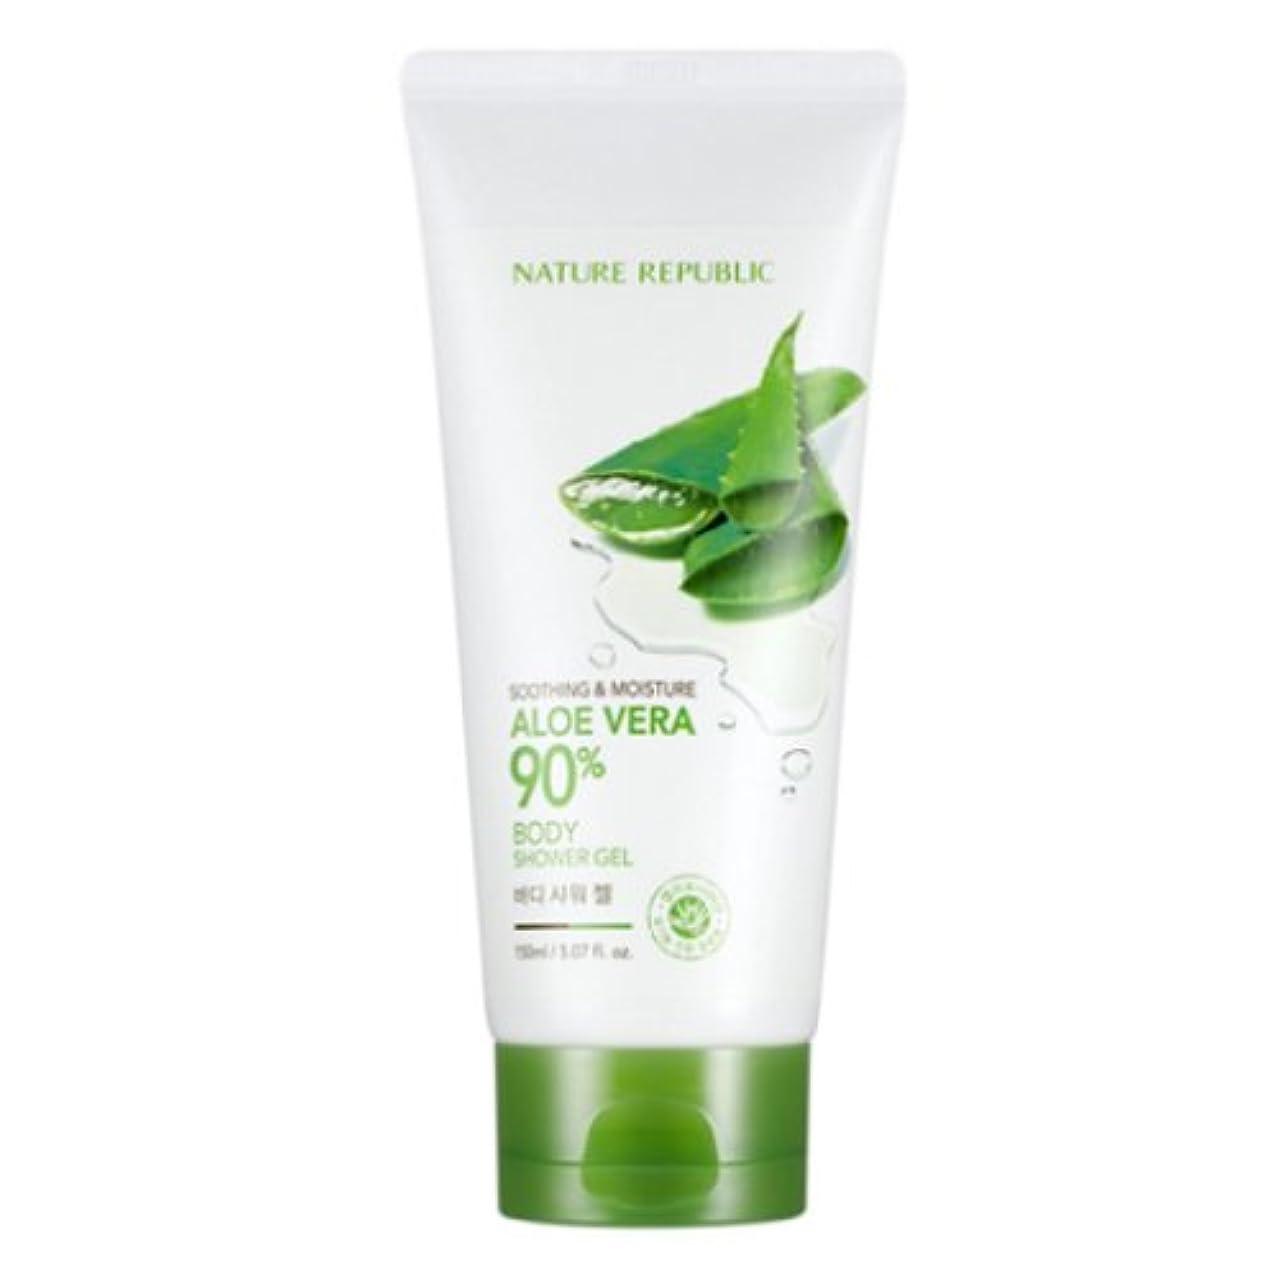 開拓者映画ロケーション[ネイチャーリパブリック] Nature republicスージングアンドモイスチャーアロエベラ90%ボディシャワージェル海外直送品(Soothing And Moisture Aloe Vera90%Body Shower...